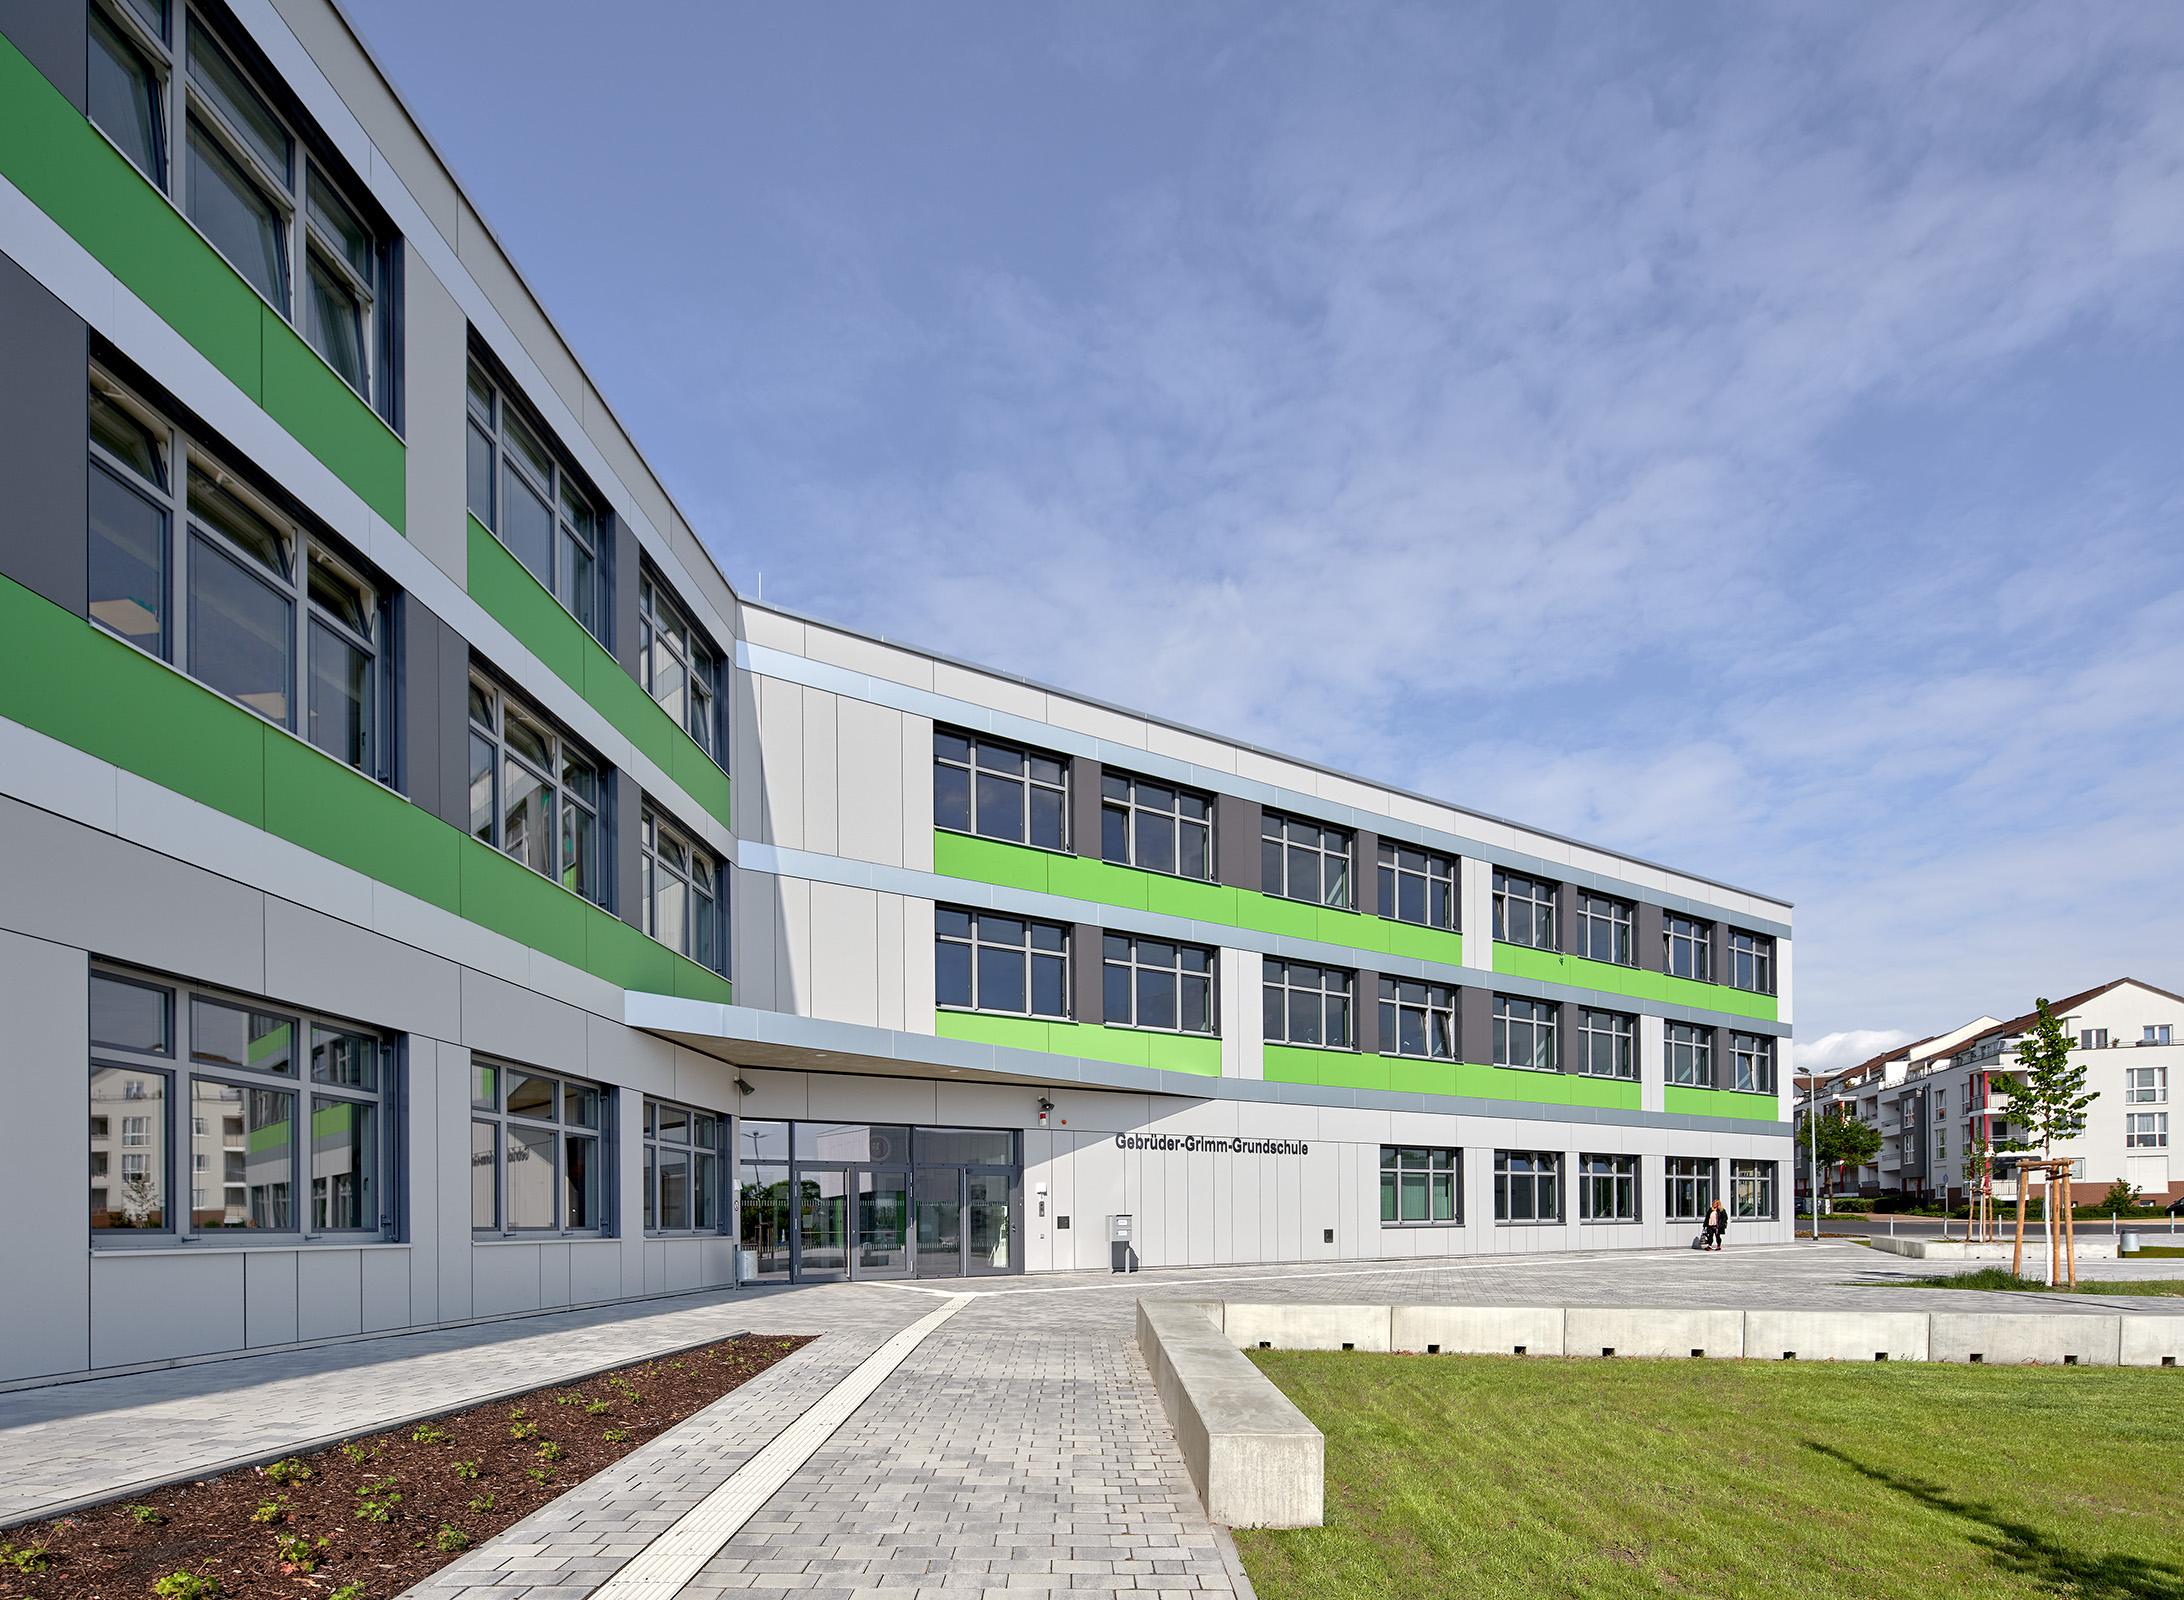 Gebrüder Grimm Grundschule in Berlin Hoppegarten, OT Hönow // hks architekten